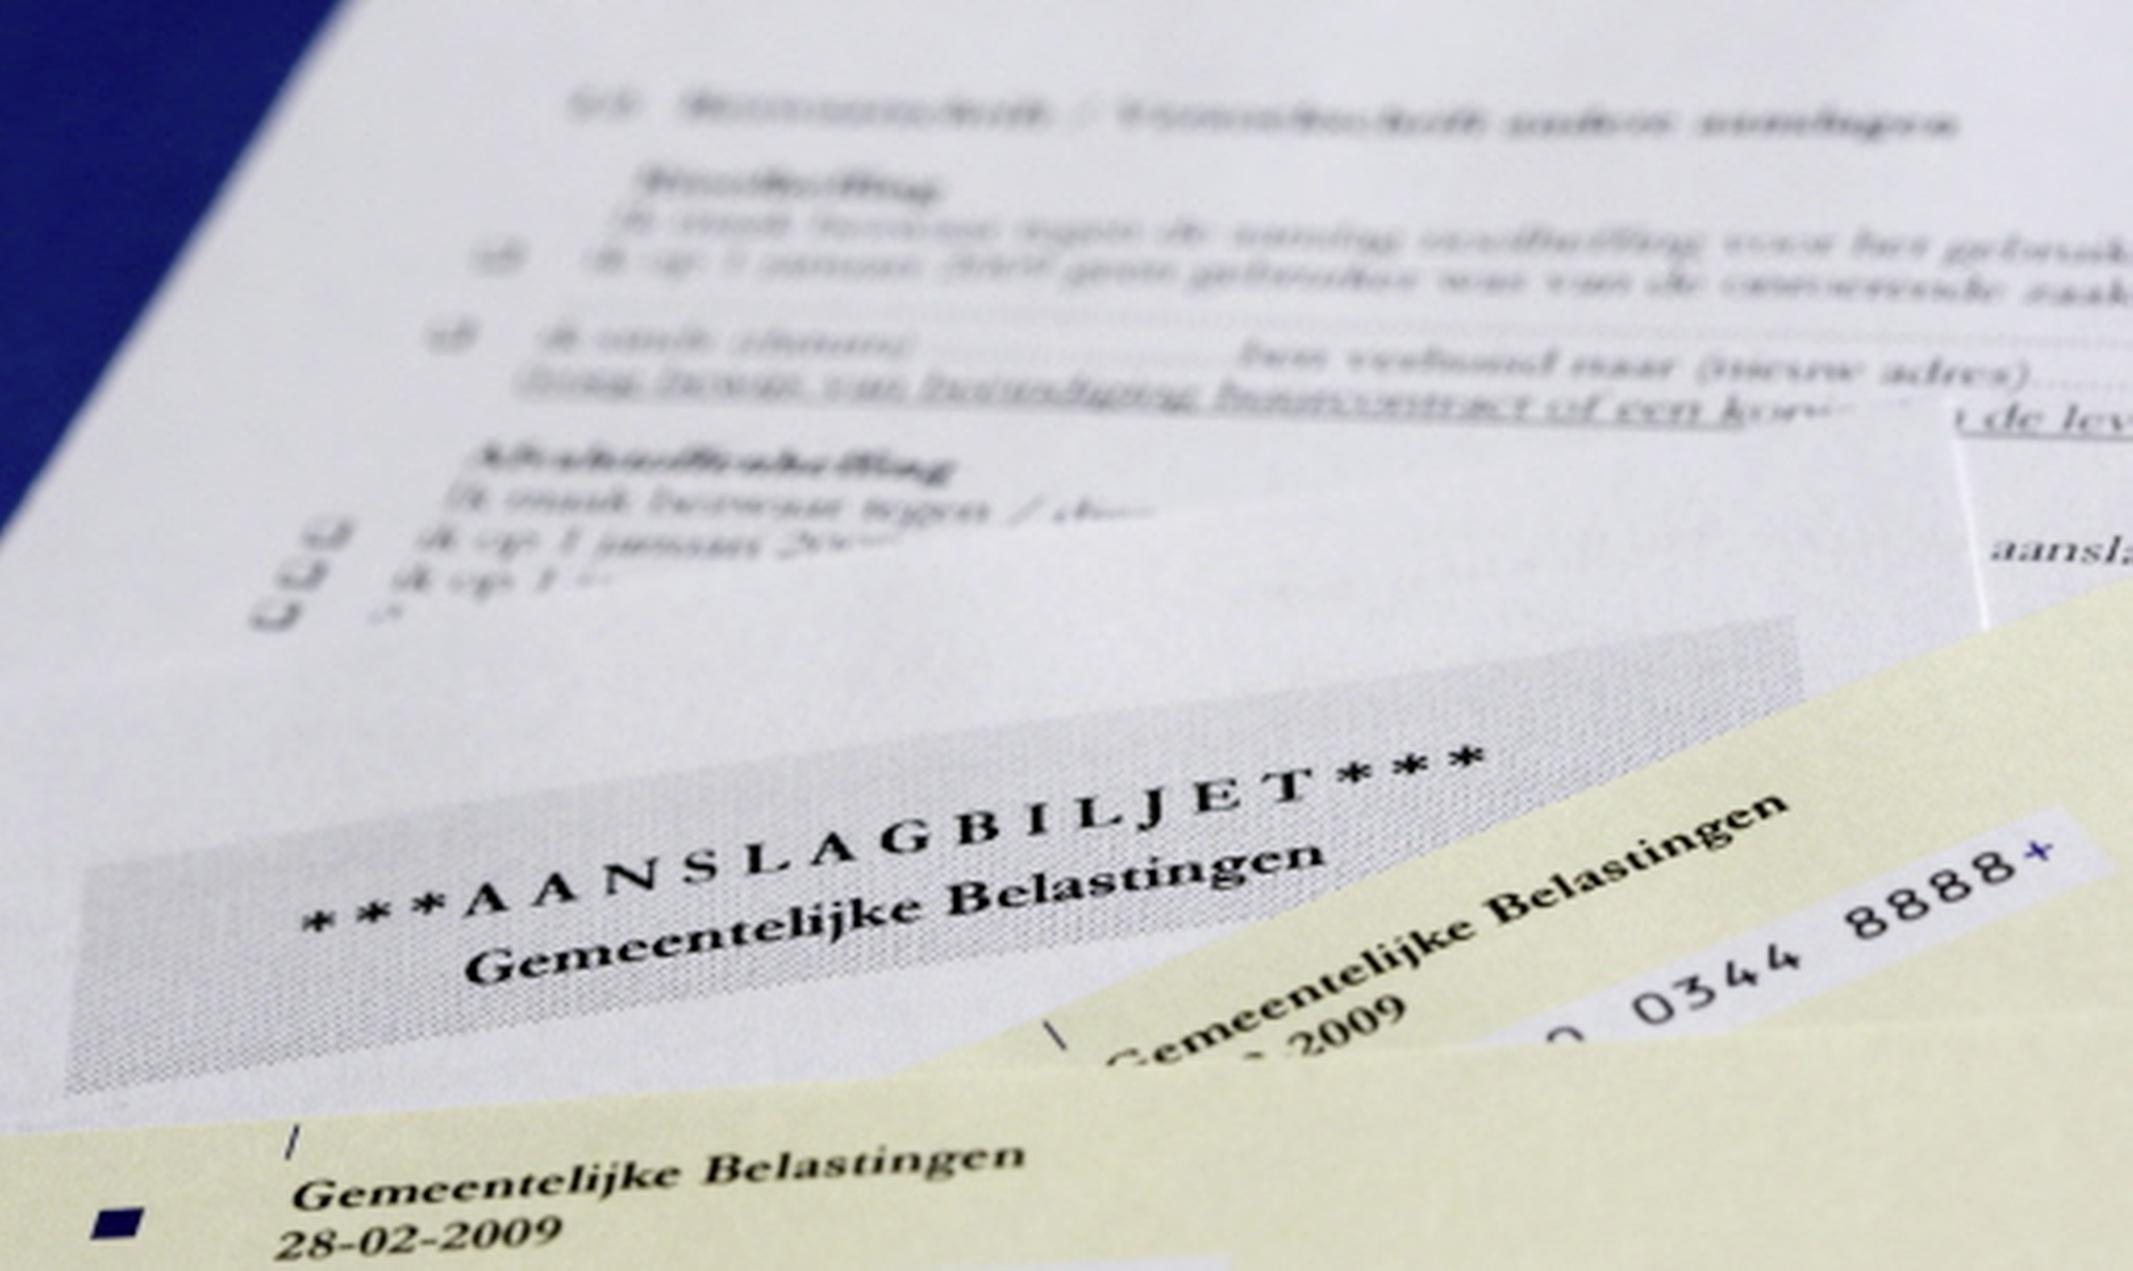 Zaanstad bevriest 130.000 euro aan gemeentelijke schulden voor slachtoffers toeslagenaffaire